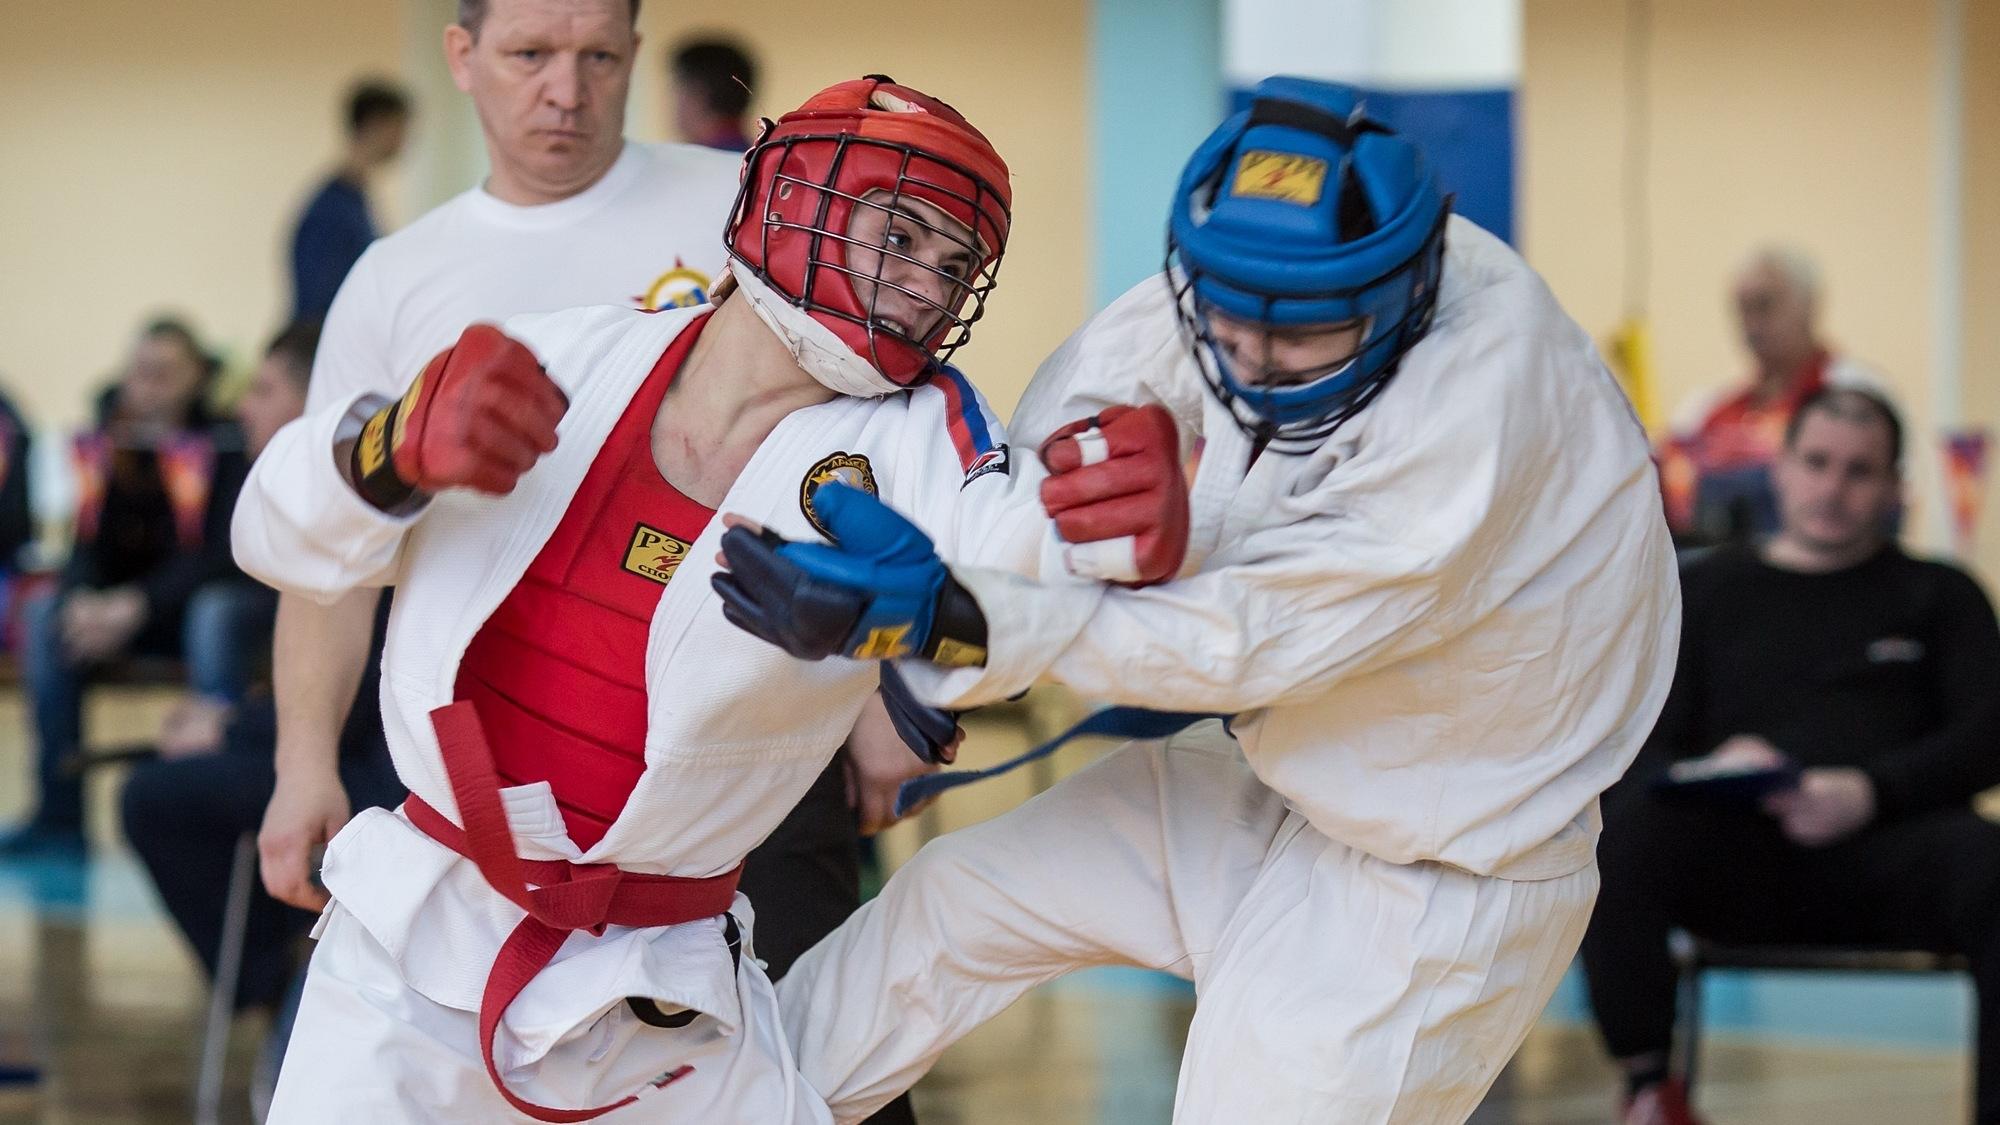 Армейский рукопашный бой - Центр спортивной подготовки Республики Татарстан